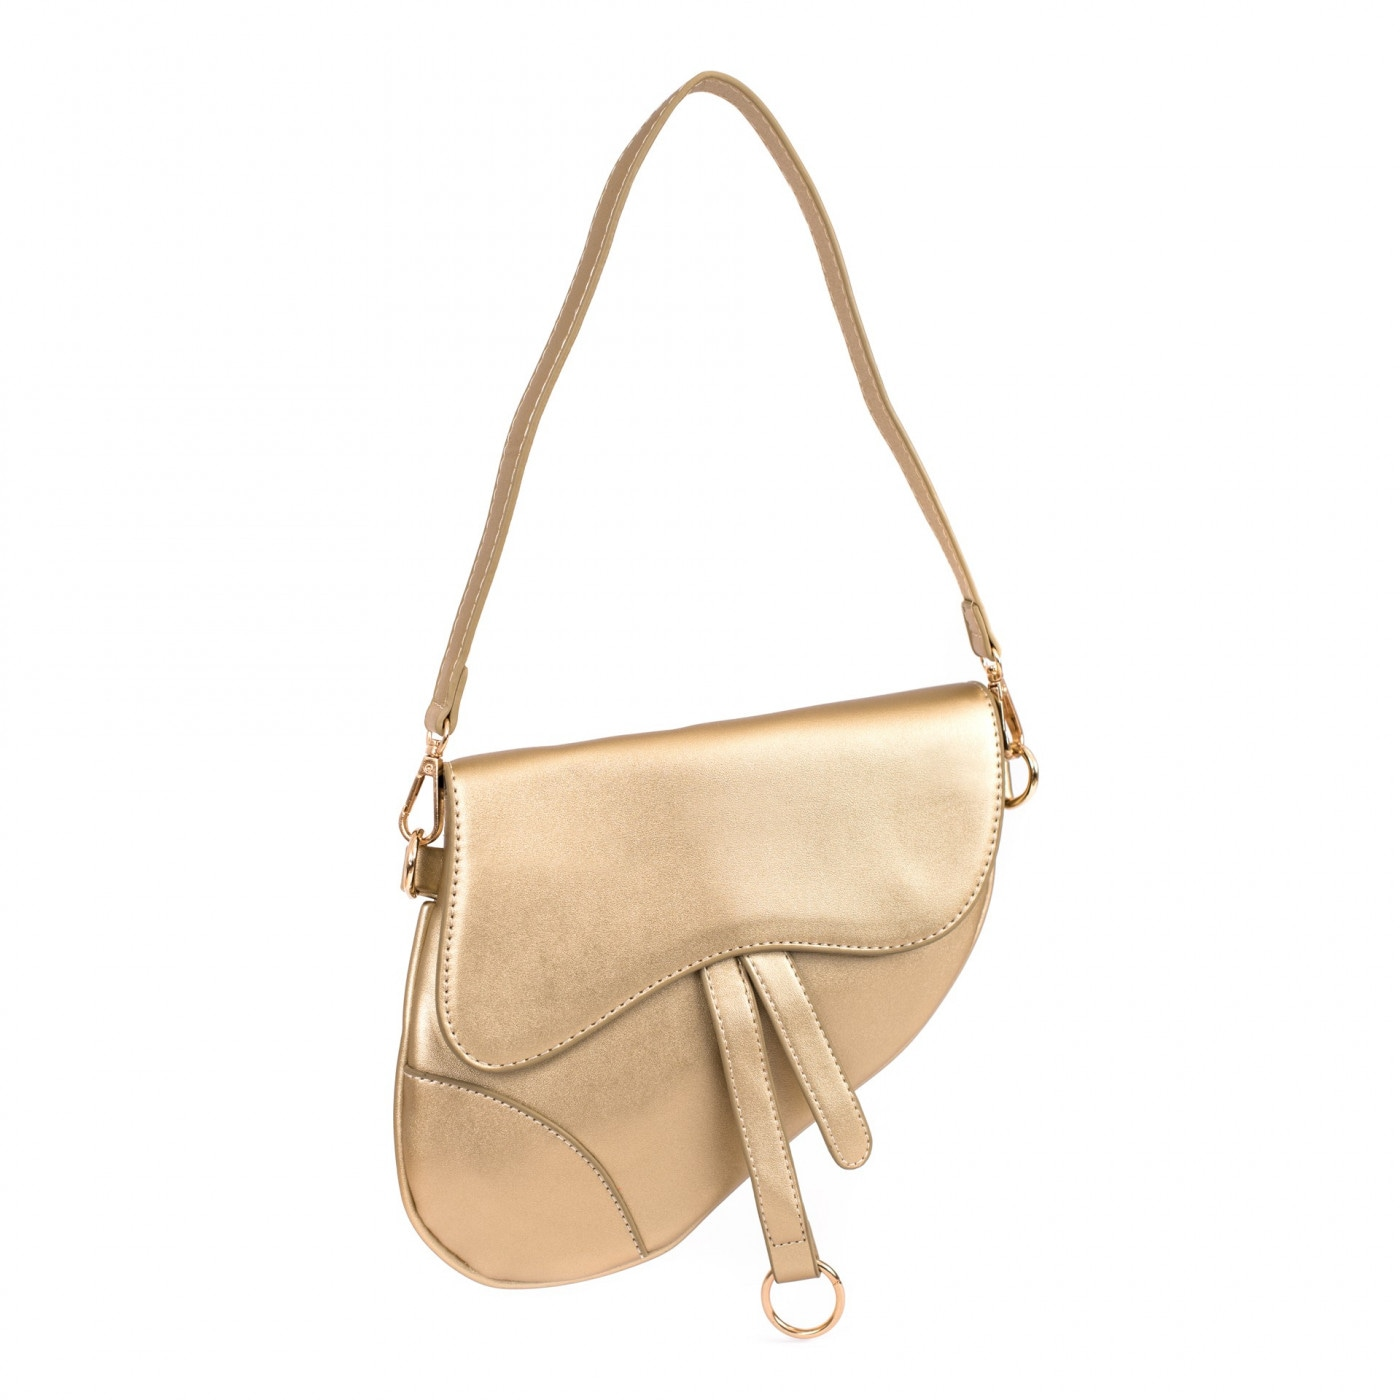 Art Of Polo Woman's Bag tr19551